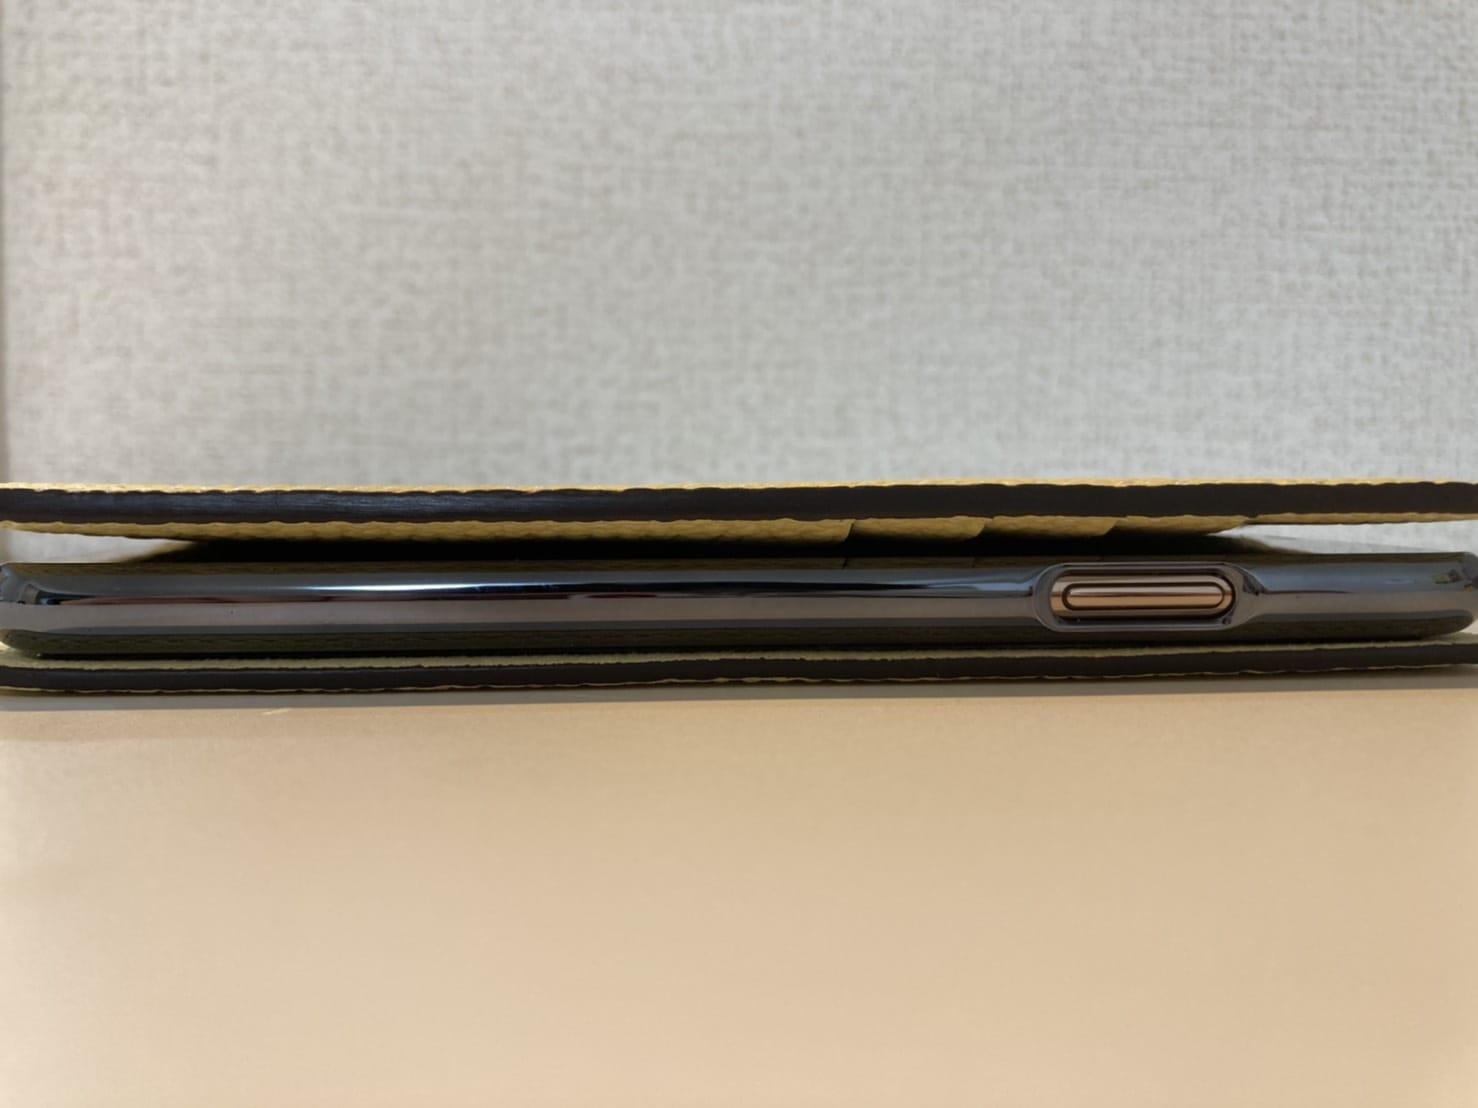 BONAVENTURA iPhone ケース 閉じた状態